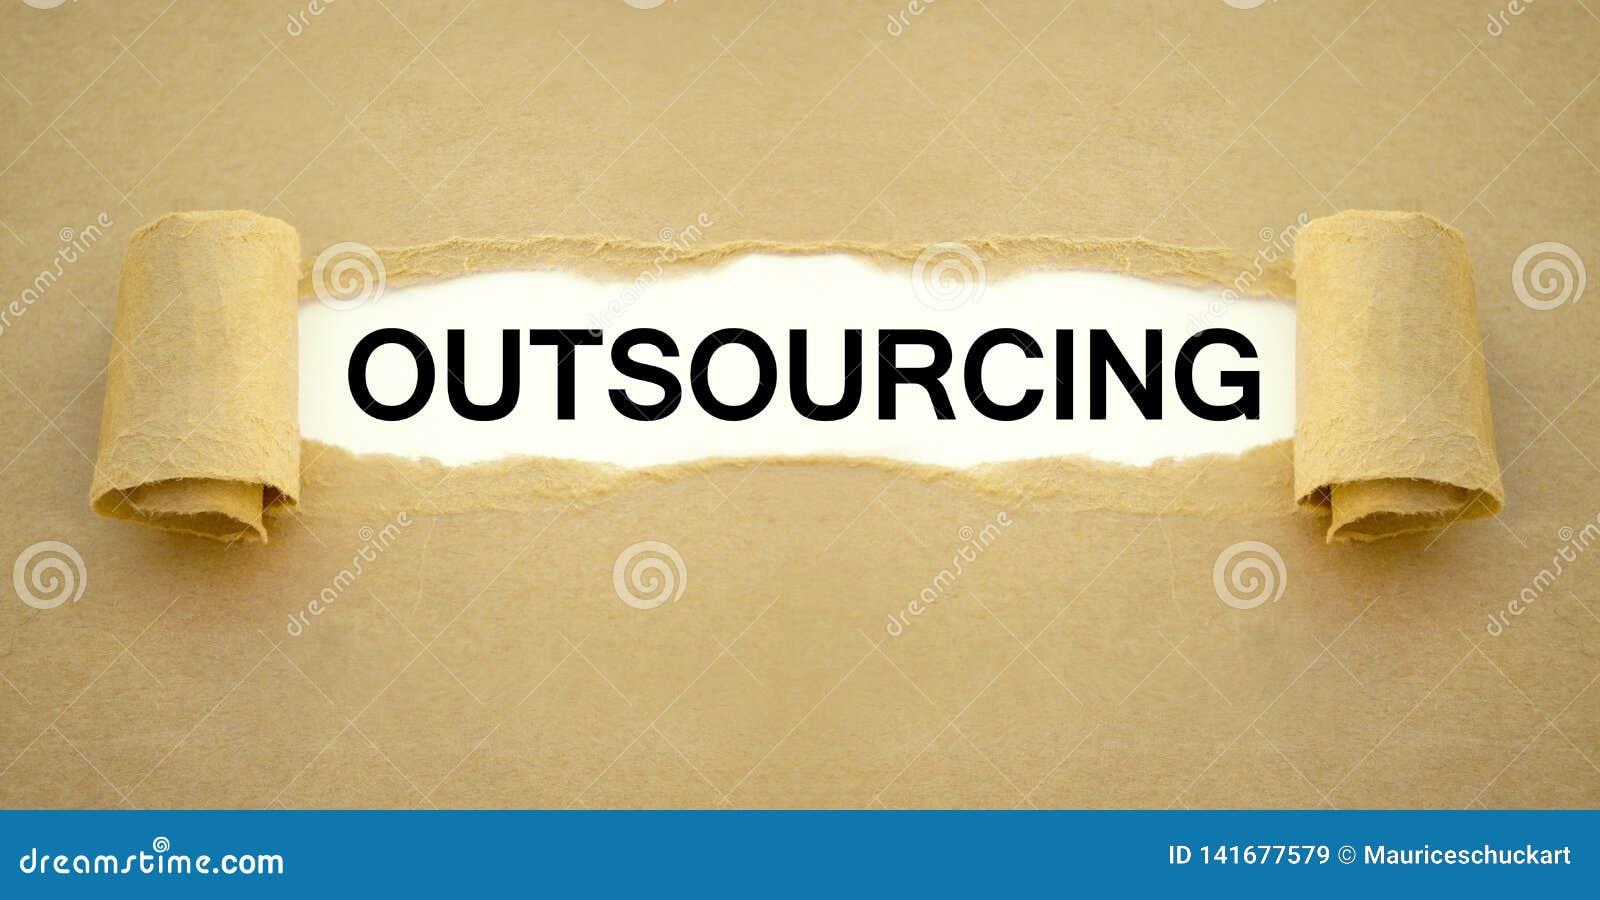 Papierkowa robota z outsourcingiem